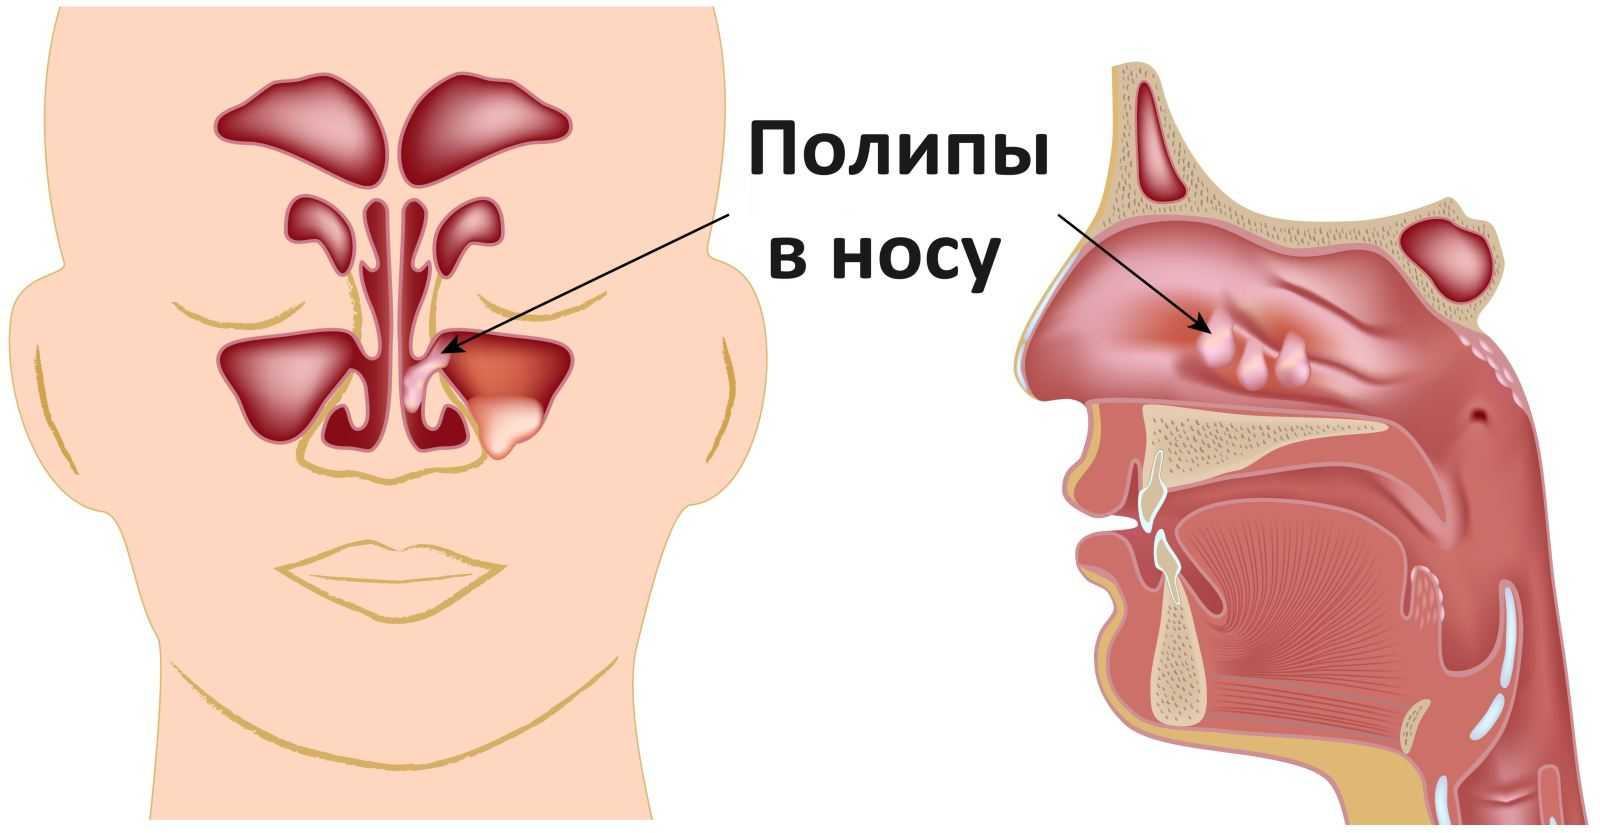 бронхиальная астма и полипы в носу